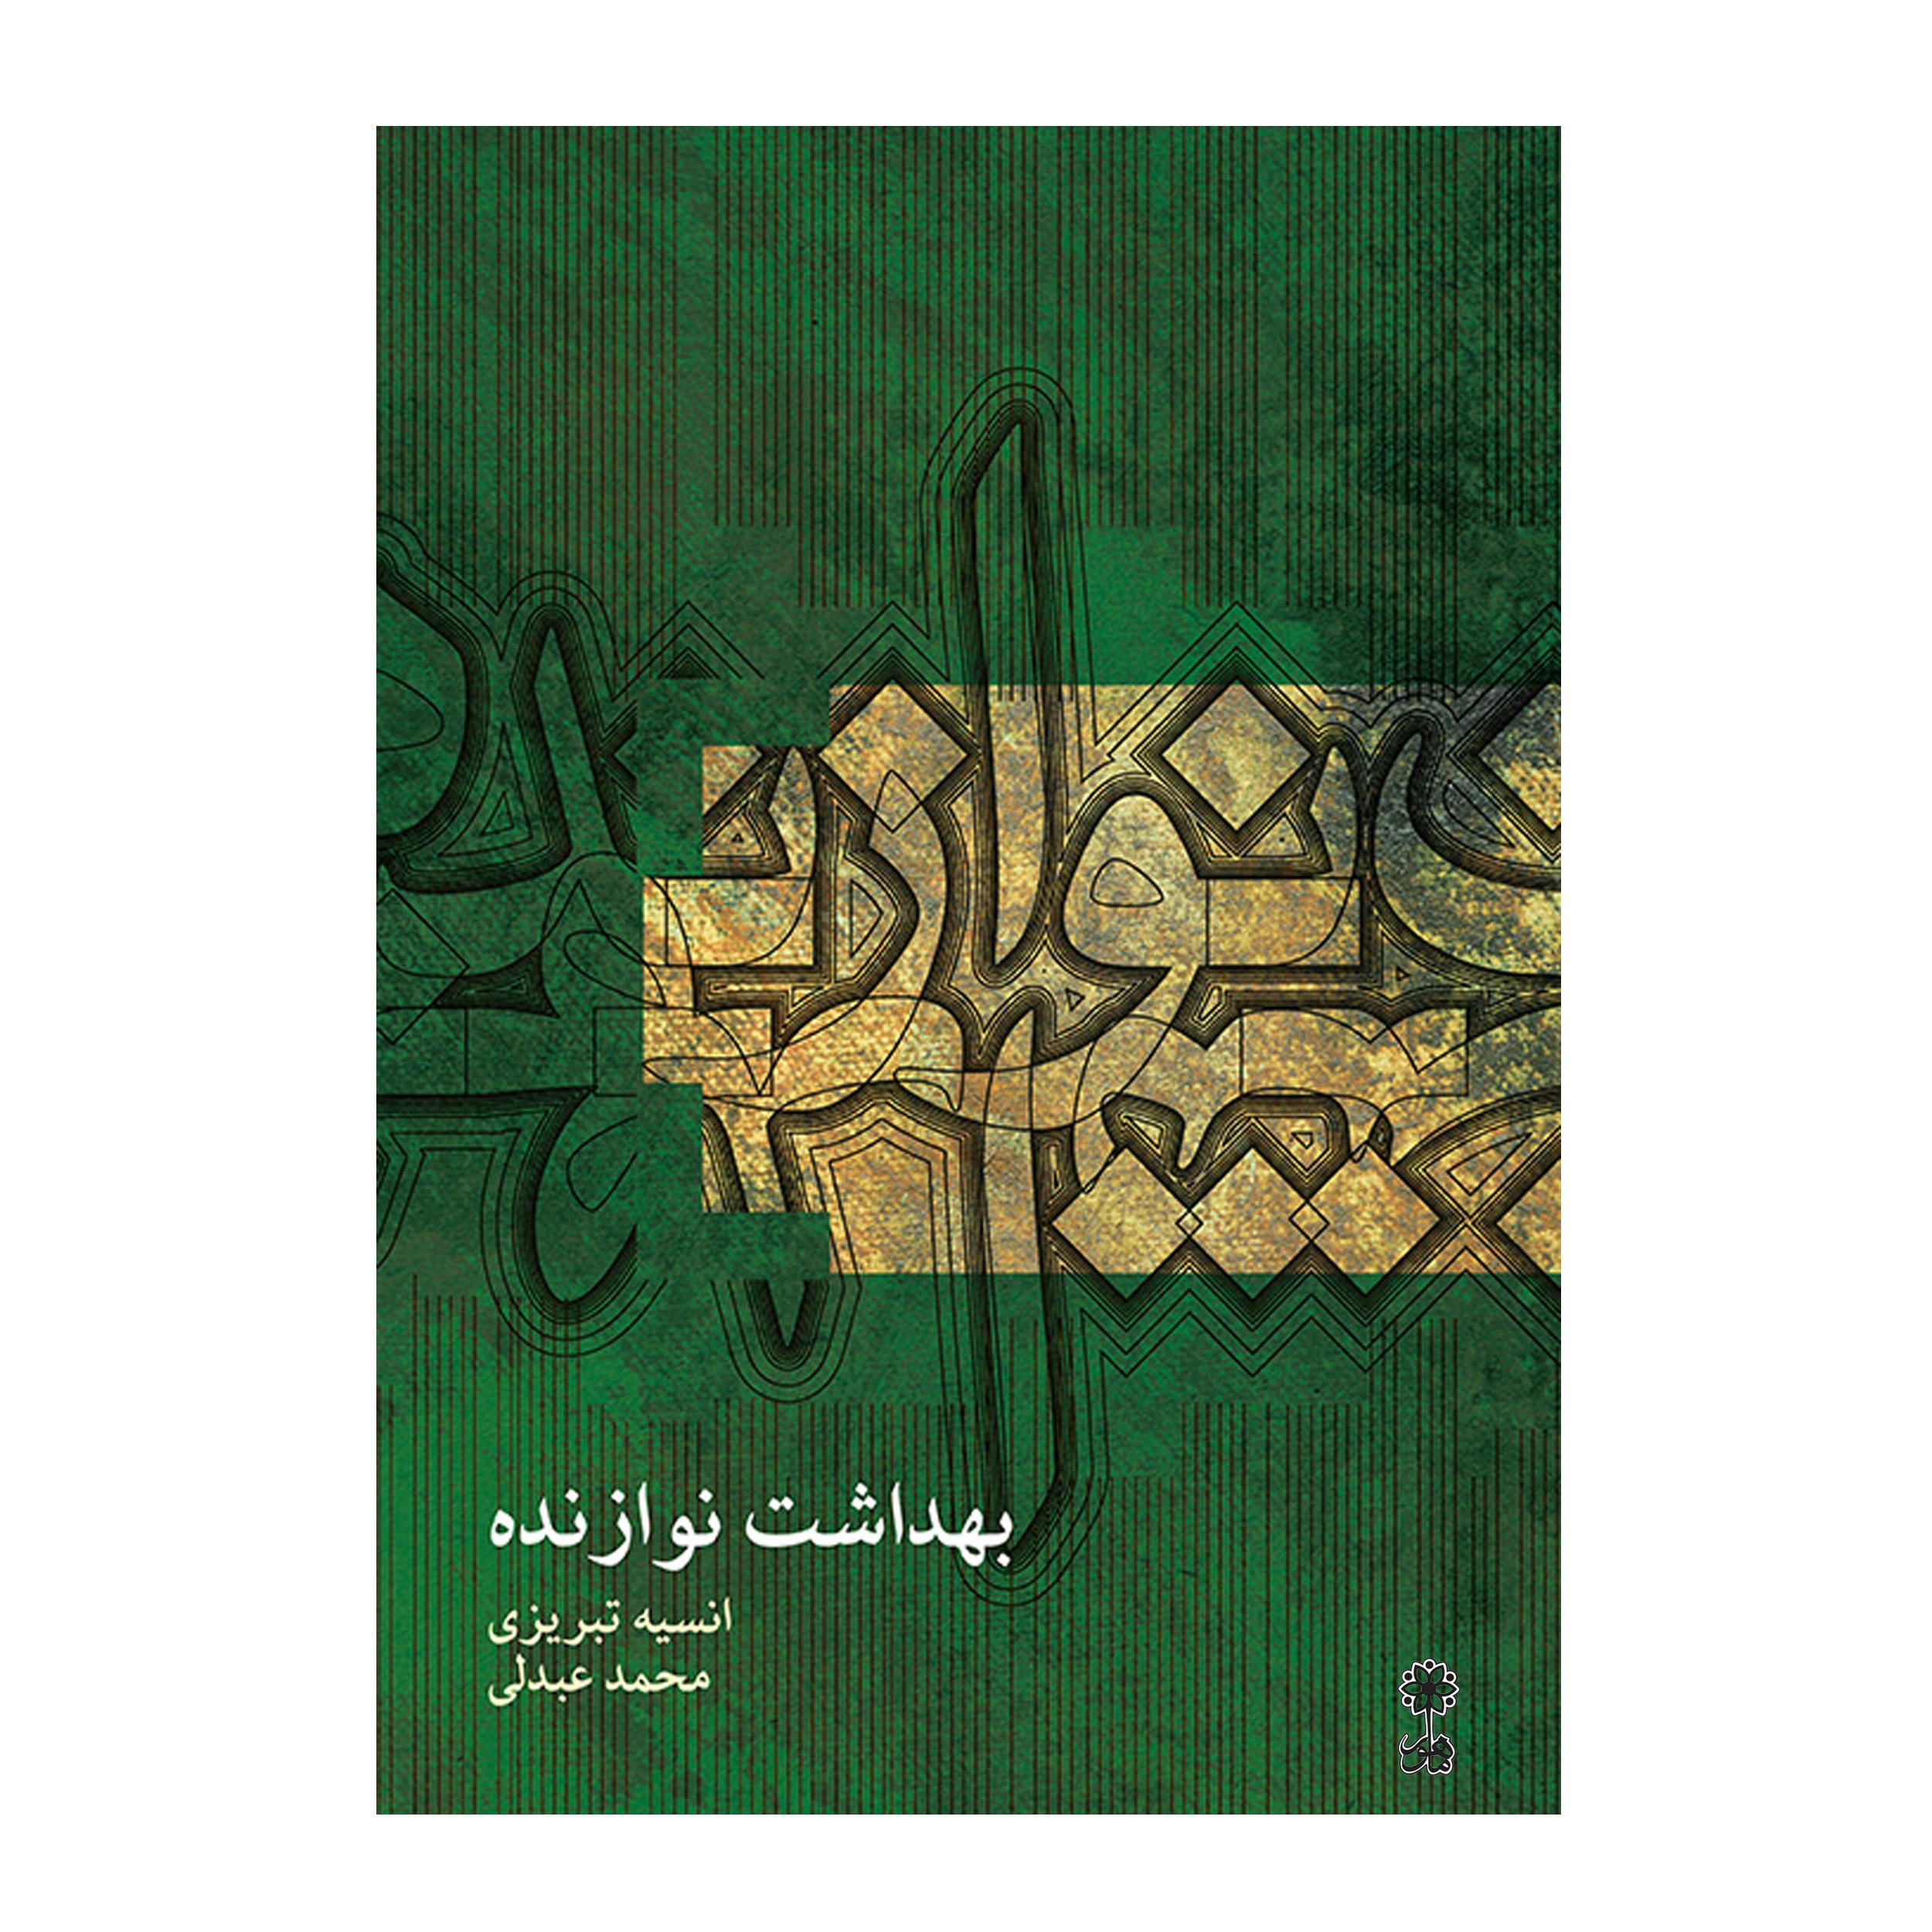 کتاب بهداشت نوازنده اثر انیسه تبریزی و محمد عبدلی انتشارات ماهور